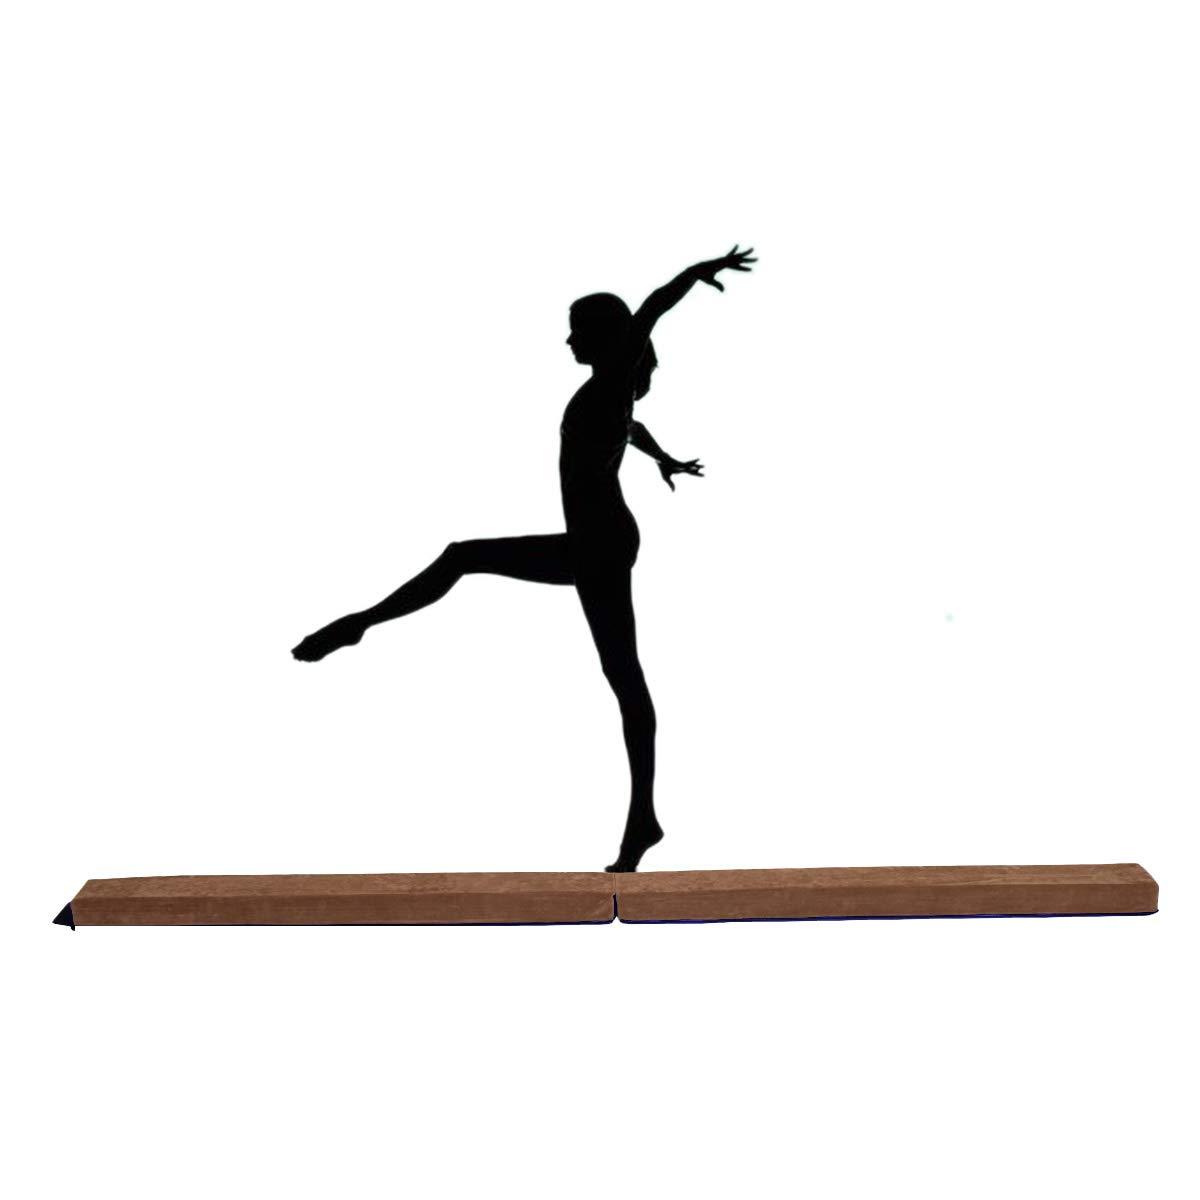 GOPLUS Poutre de Gymnastique Conception Pliable et Antidérapante Poutre d'Equilibre-Convient aux Enfants et Adultes-2,4M Bleu Café